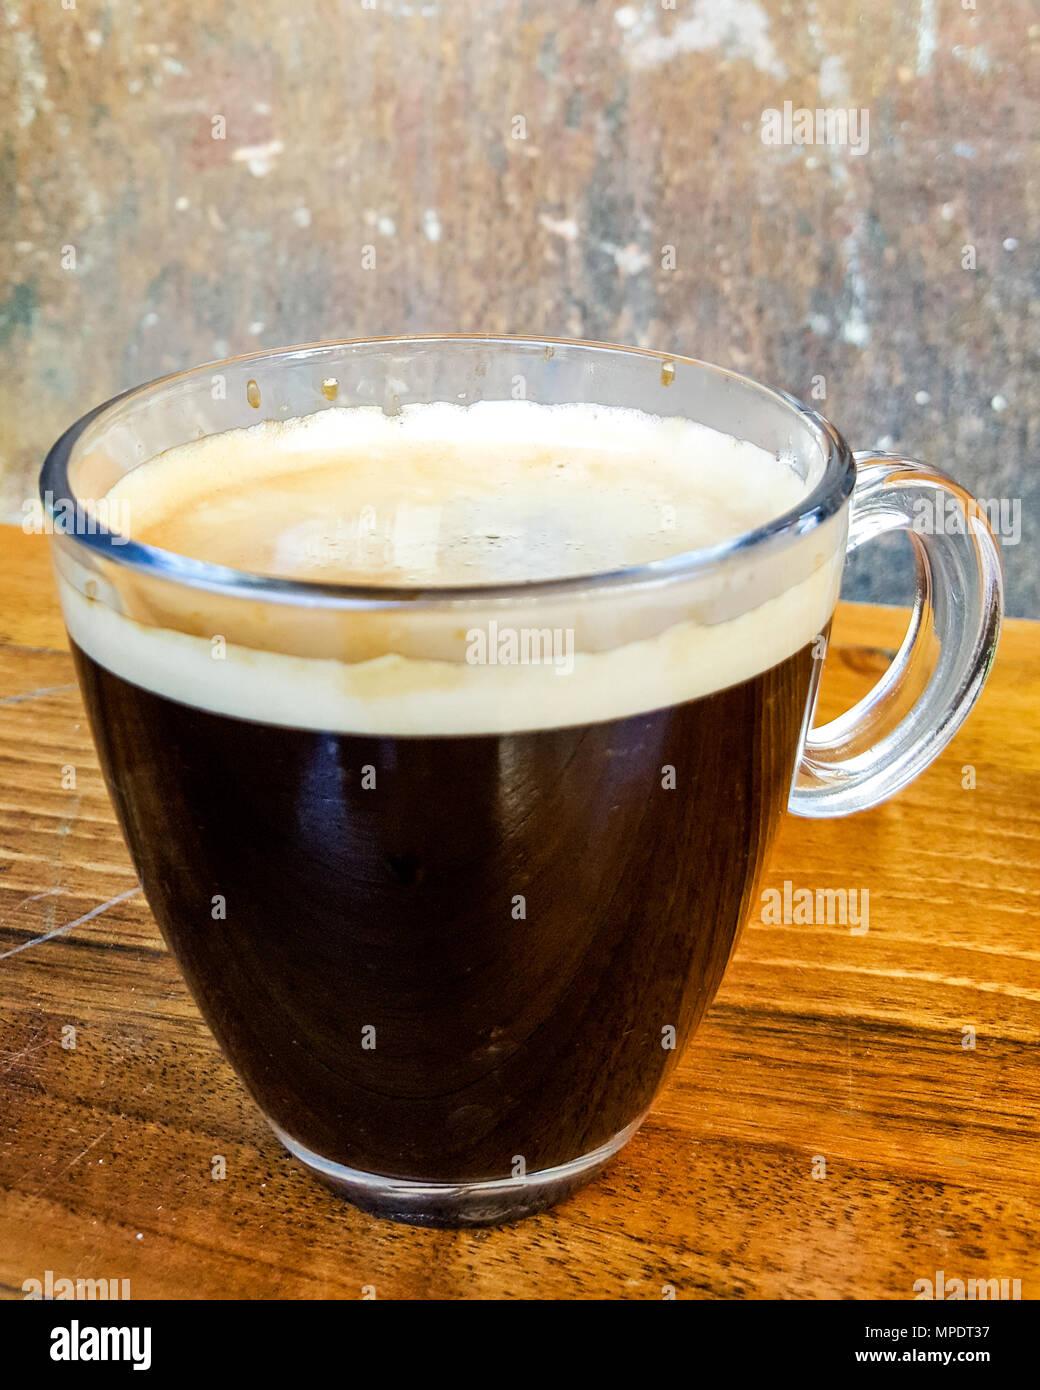 Café Americano sobre superficie de madera copia espacio. concepto de bebidas. Imagen De Stock